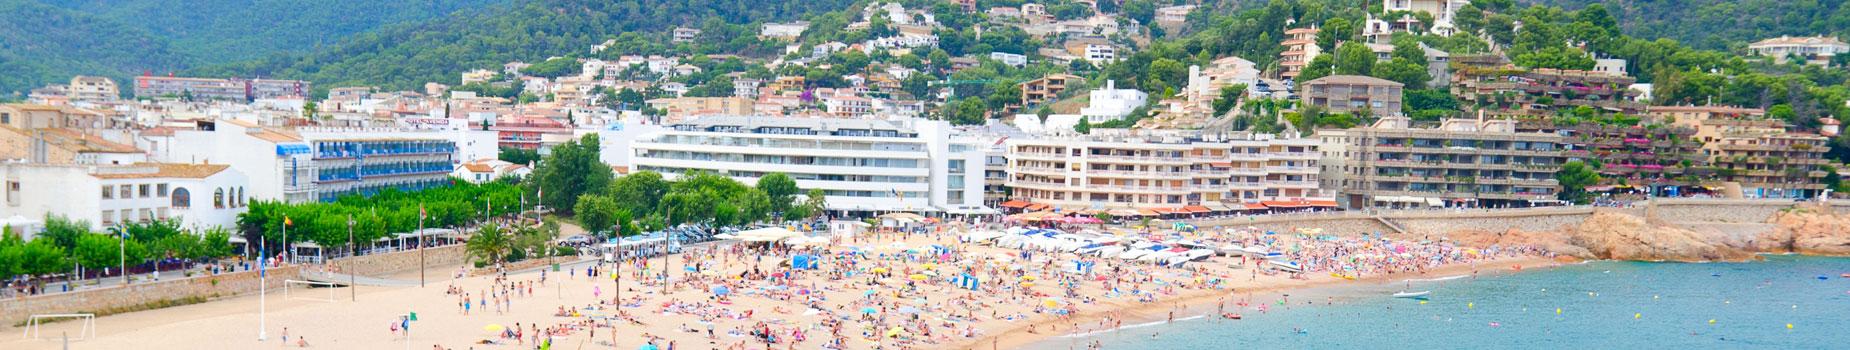 Vind uw busreis naar Tossa de Mar